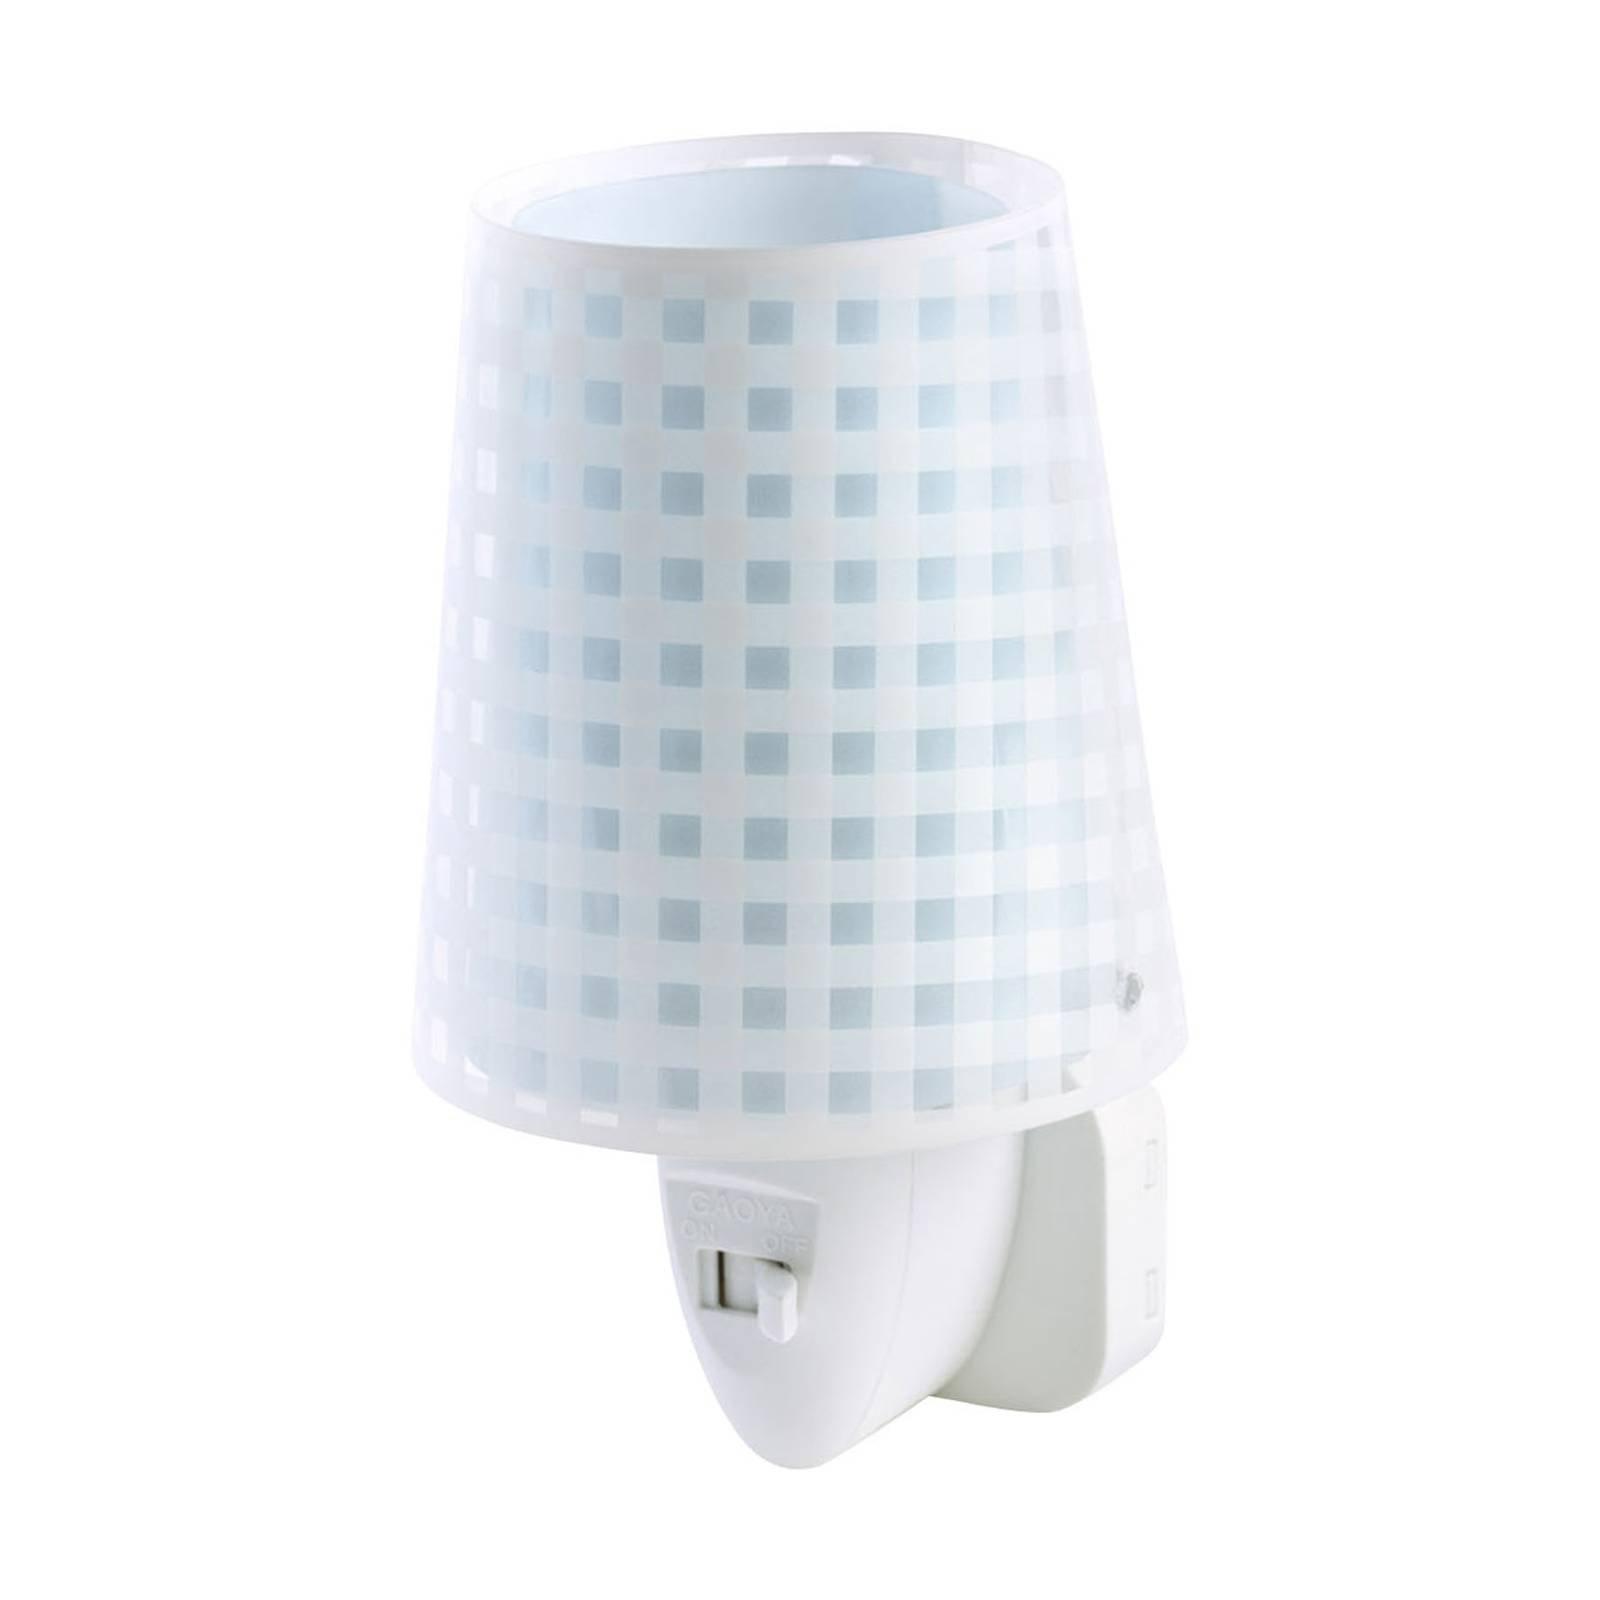 LED-nattlys Vichy i blå